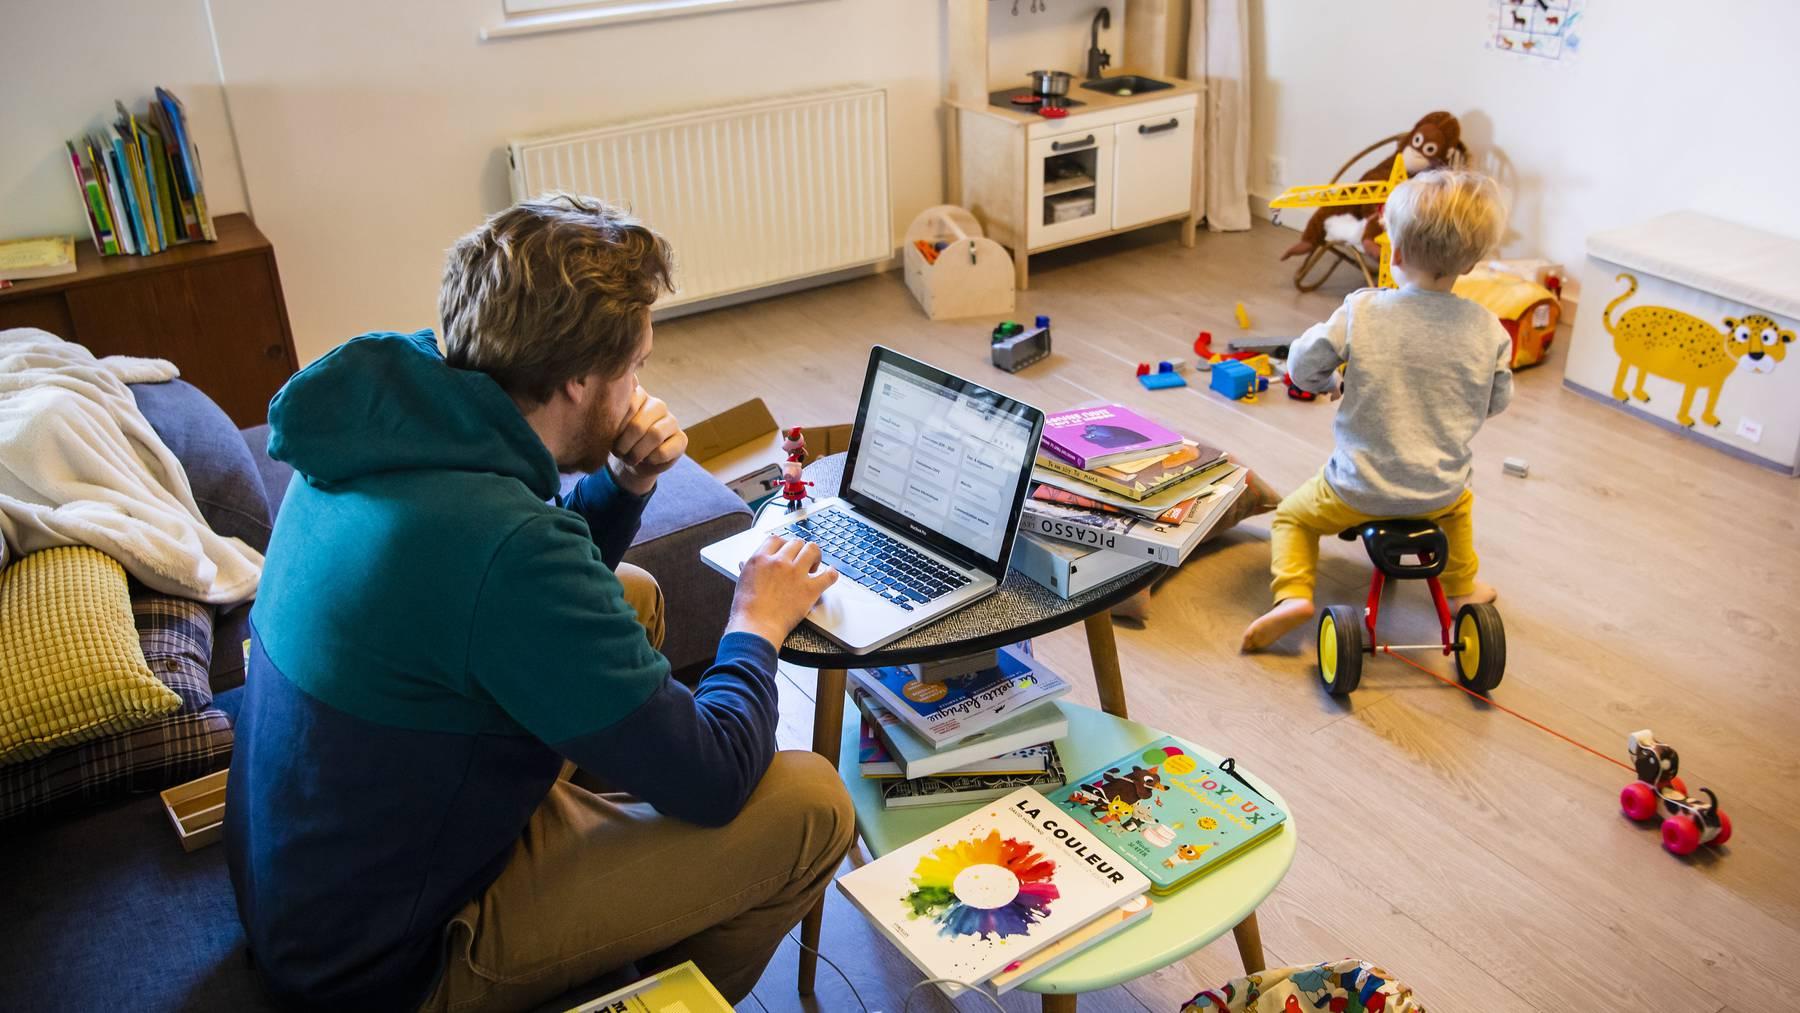 Verwaltungsangestellte arbeiteten seltener als andere Beschäftige von zu Hause aus.